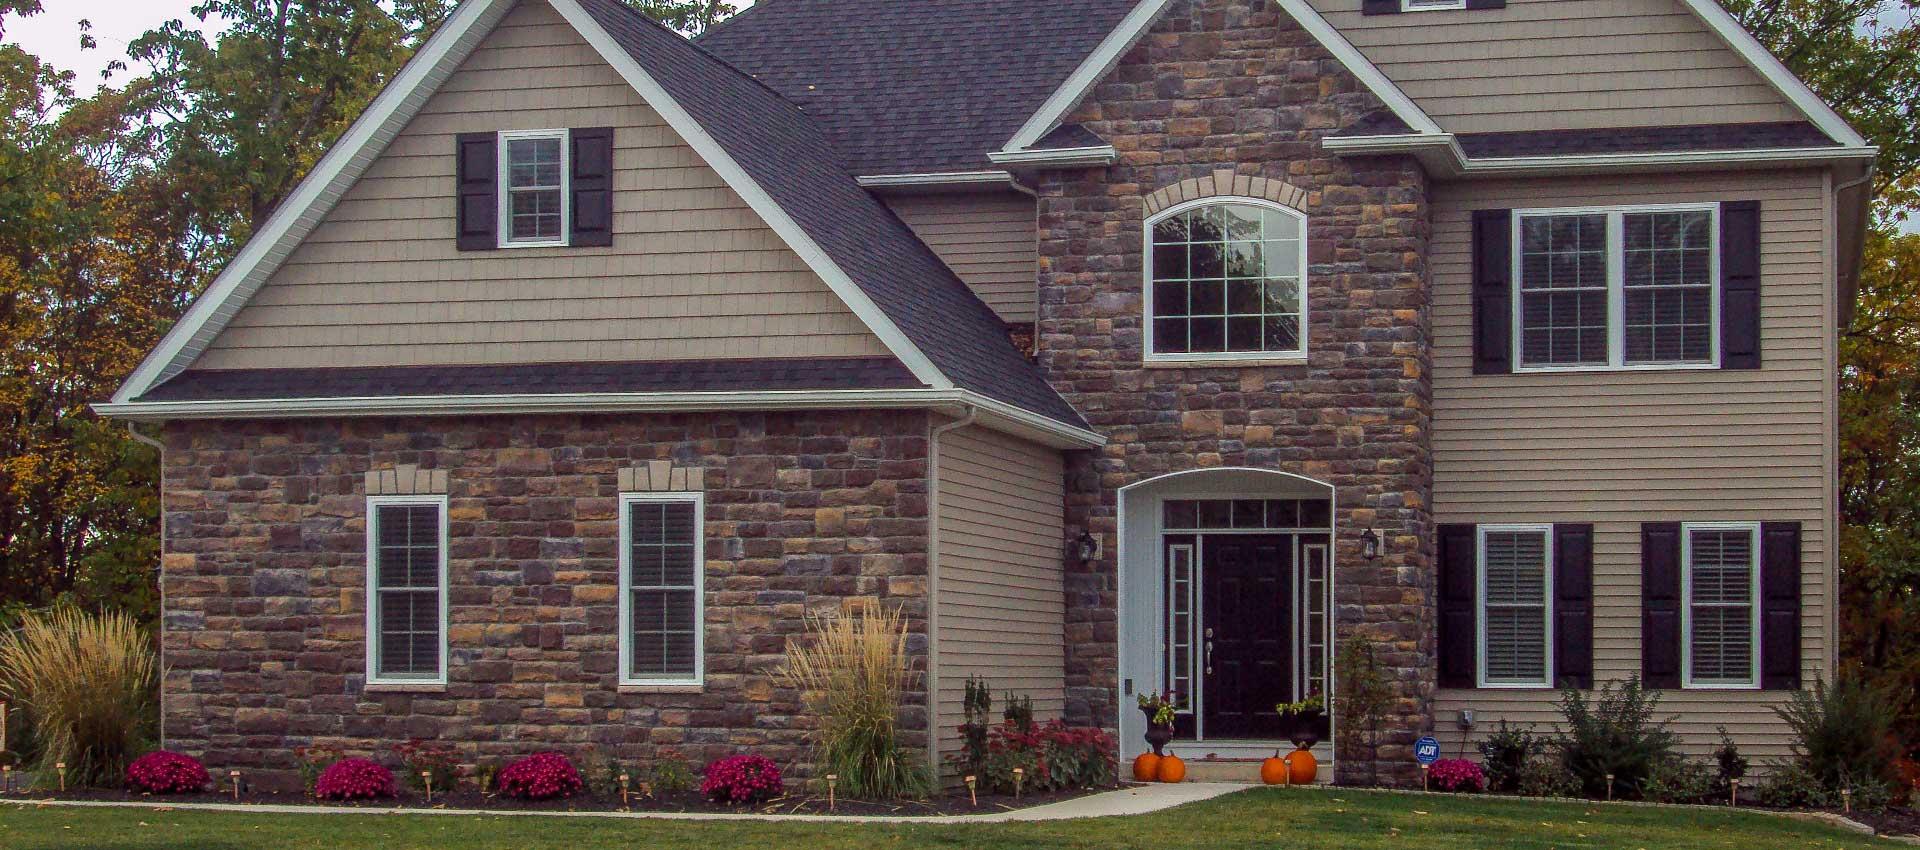 Summit Pointe Builders   Great home slide 3